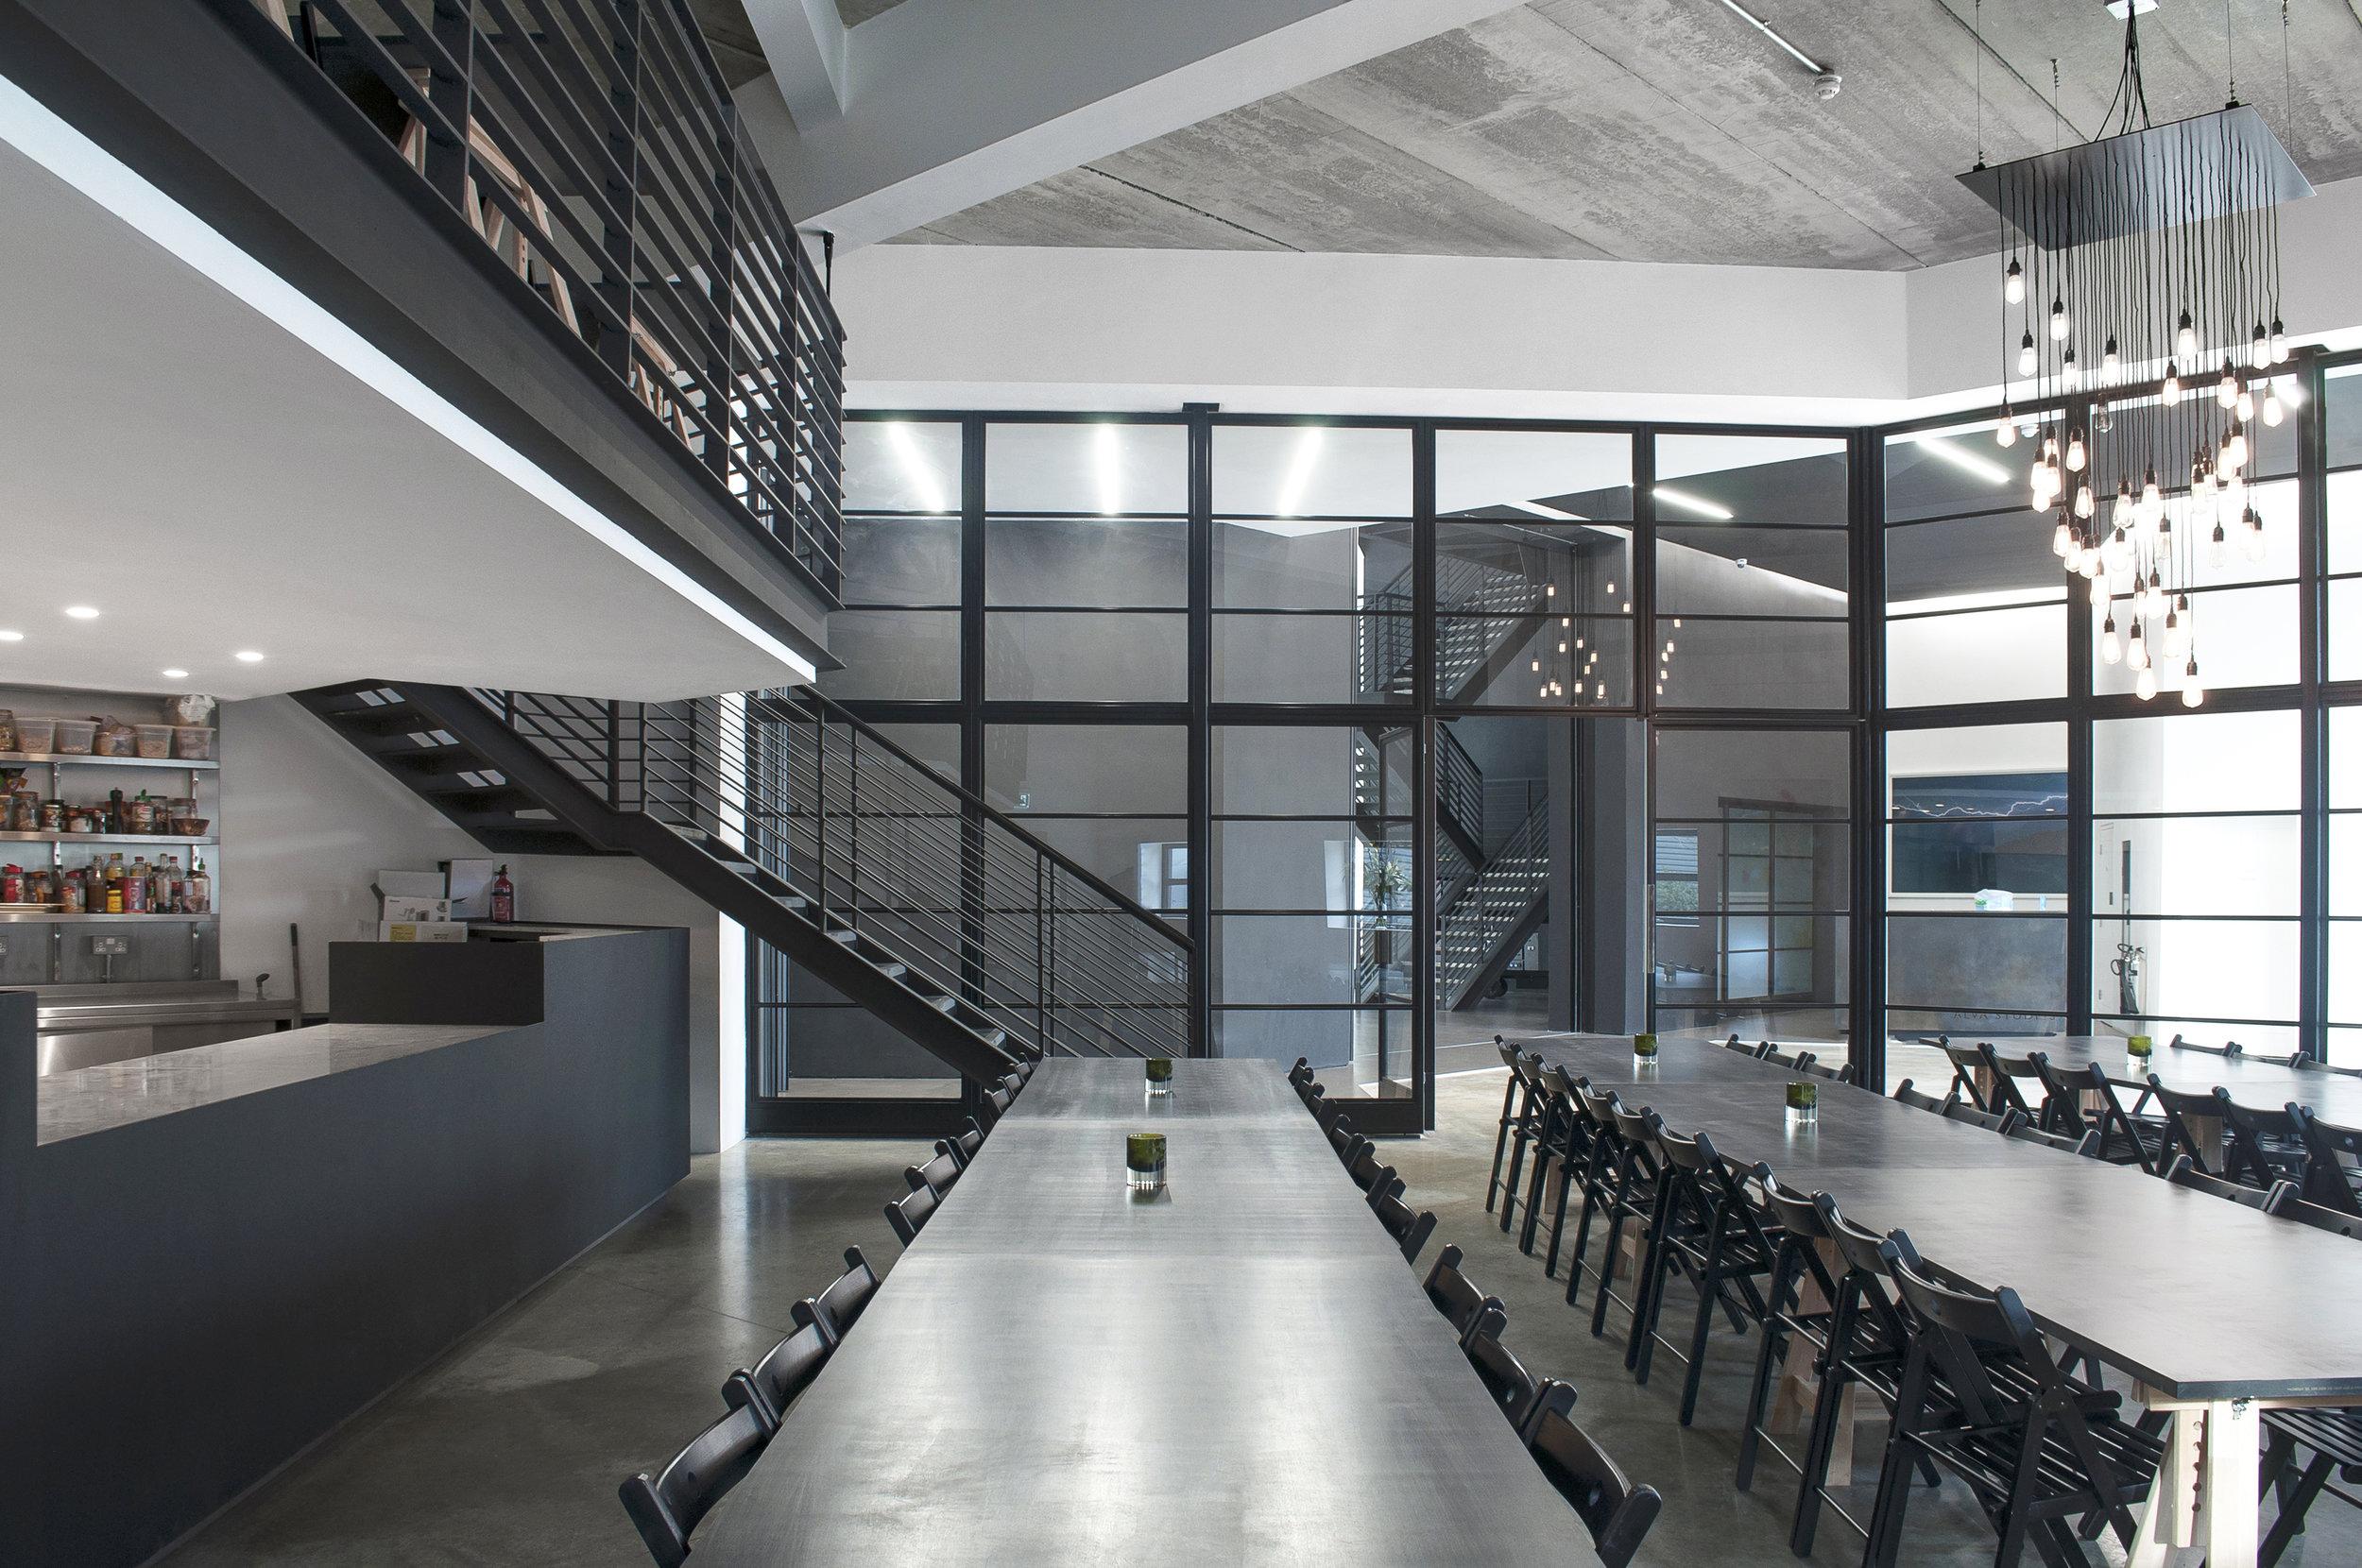 Alva Studios West    Location: Brent   Floor Area : 1450m2 sqm   Budget: £1.2m   Client: Pro-Lighting   View More